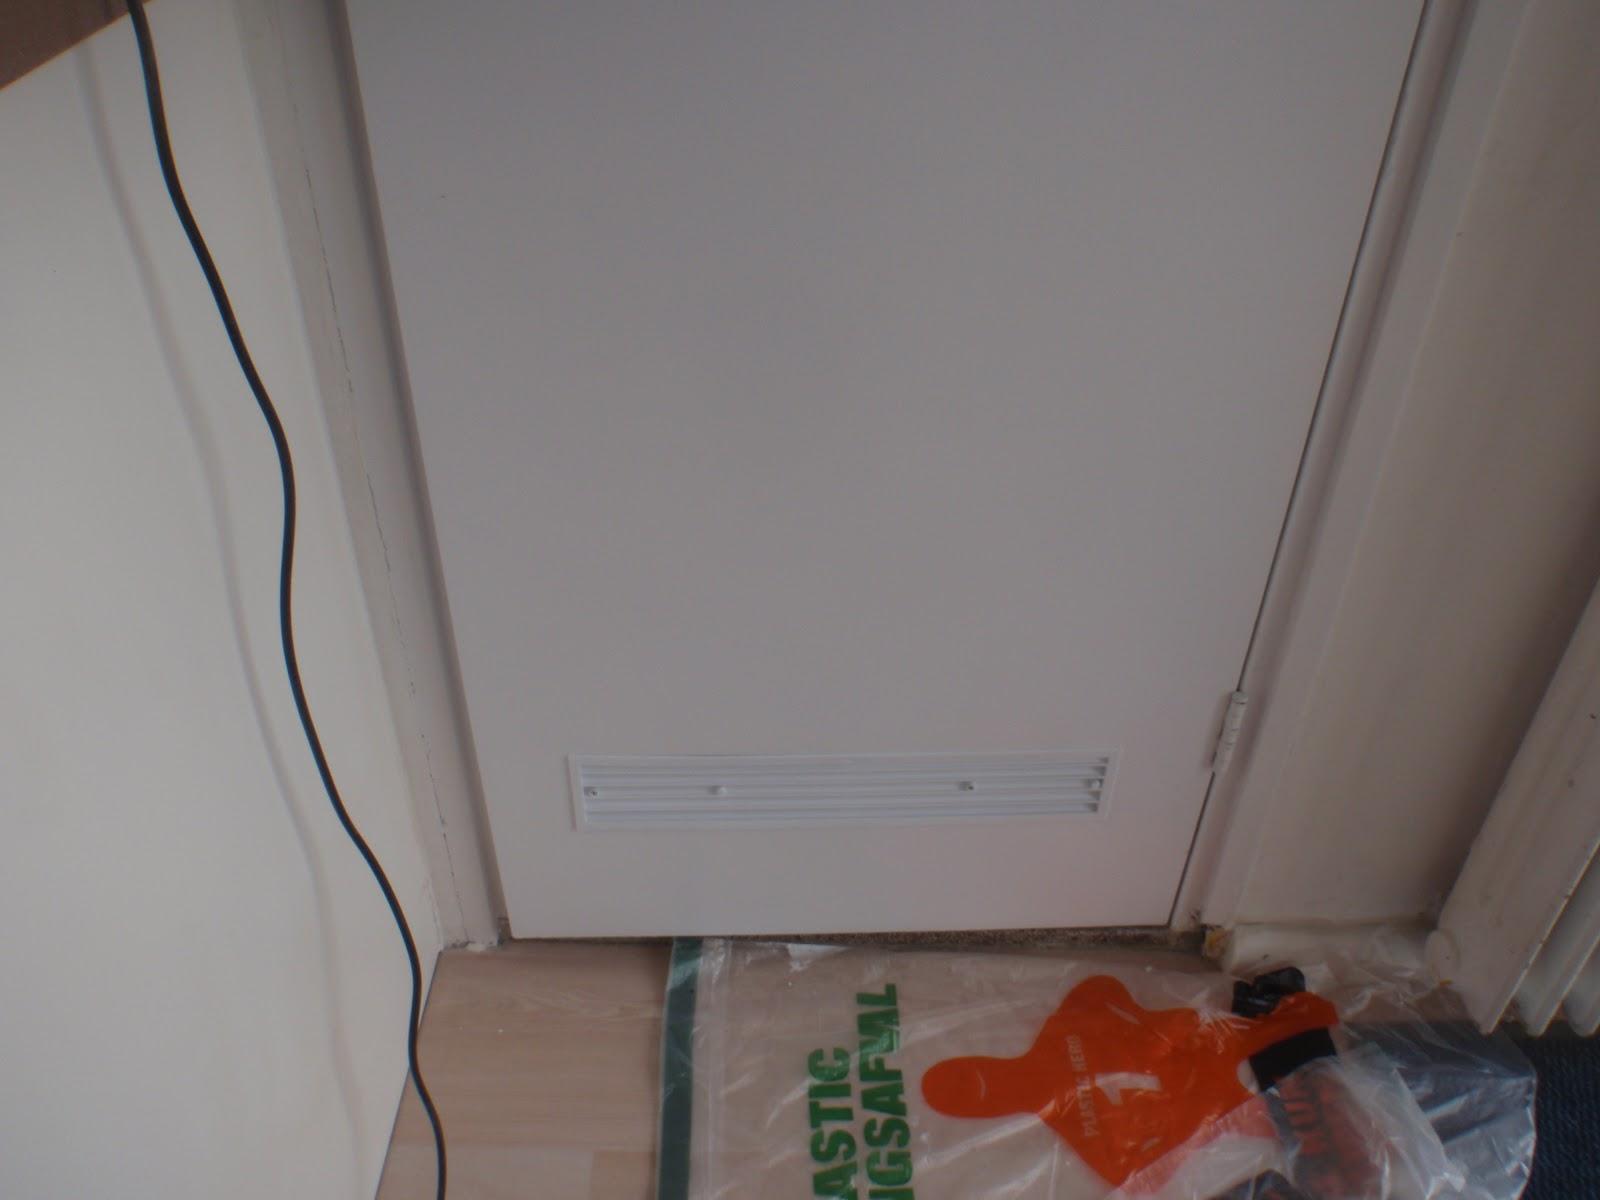 Ventilatie Badkamer Deur : Rooster deur badkamer